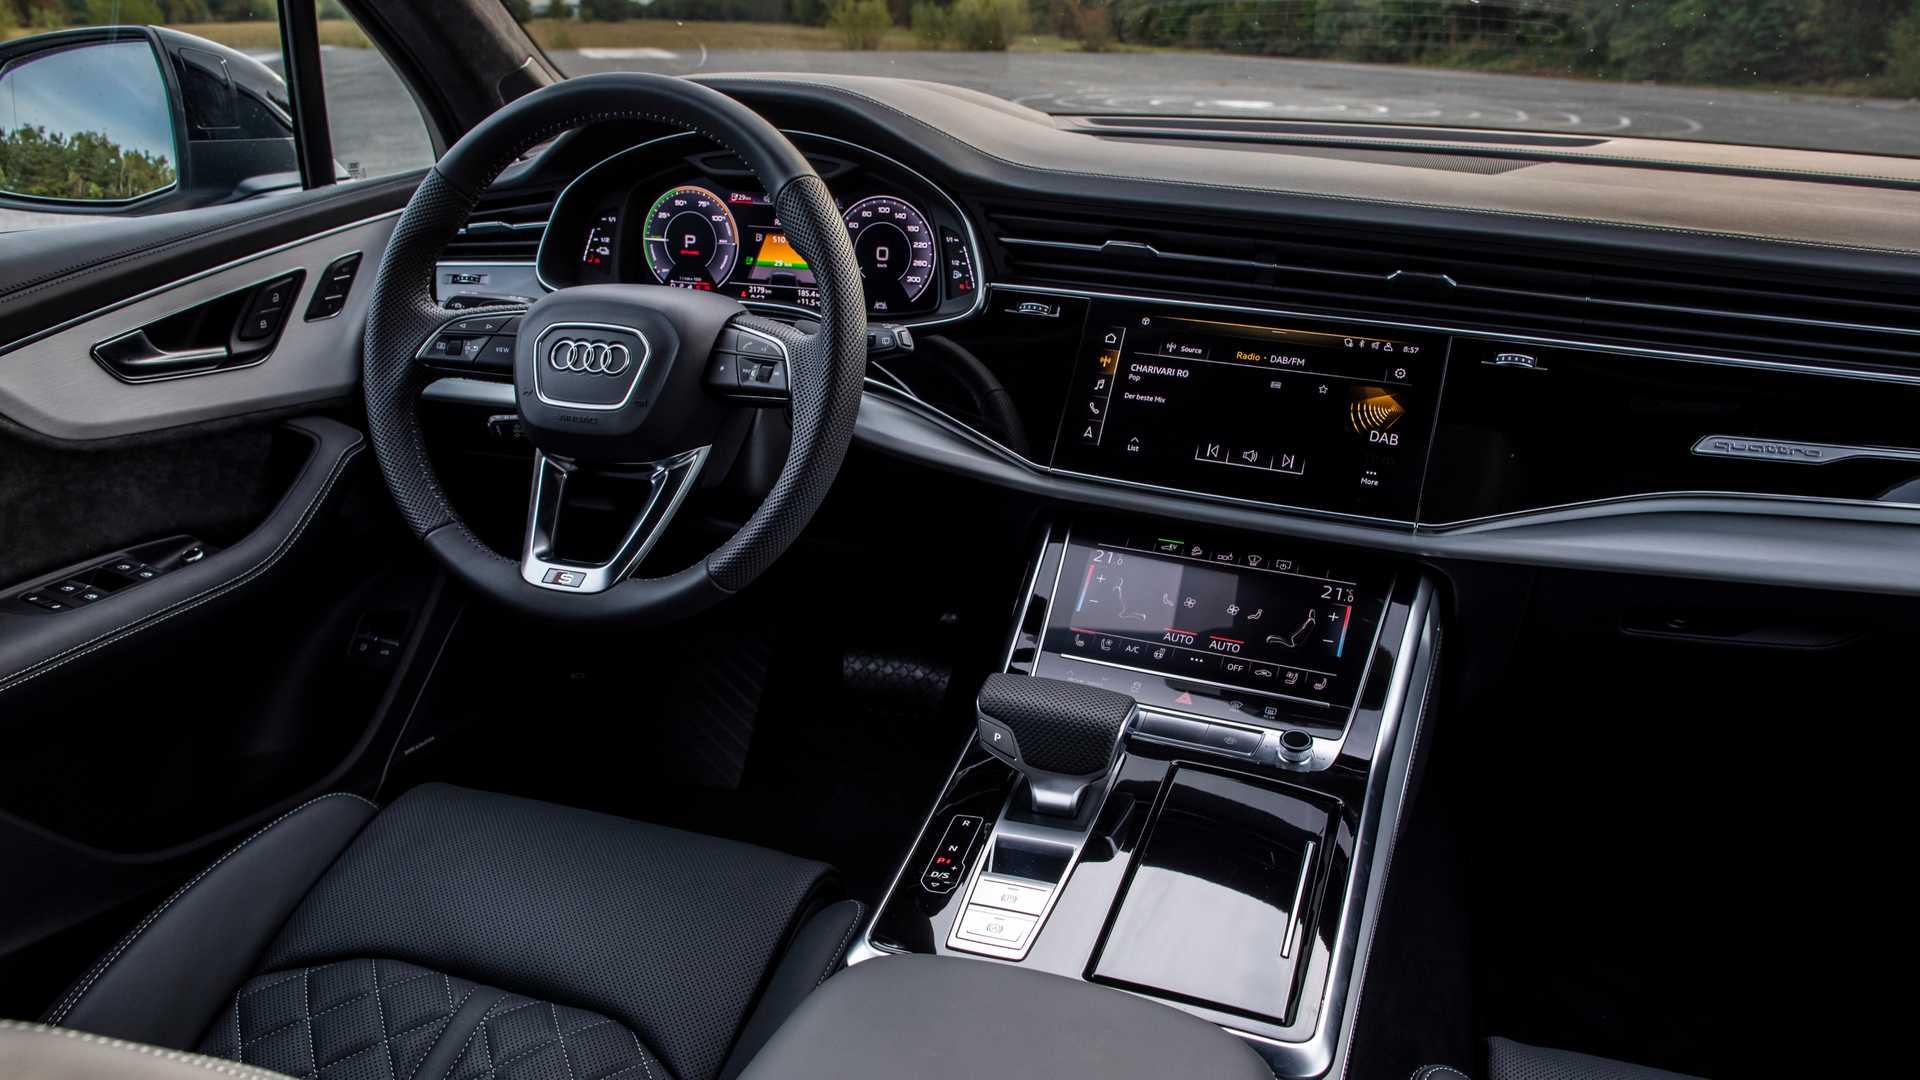 3.0升V6发动机+电动机 2020款奥迪Q7插混版官图